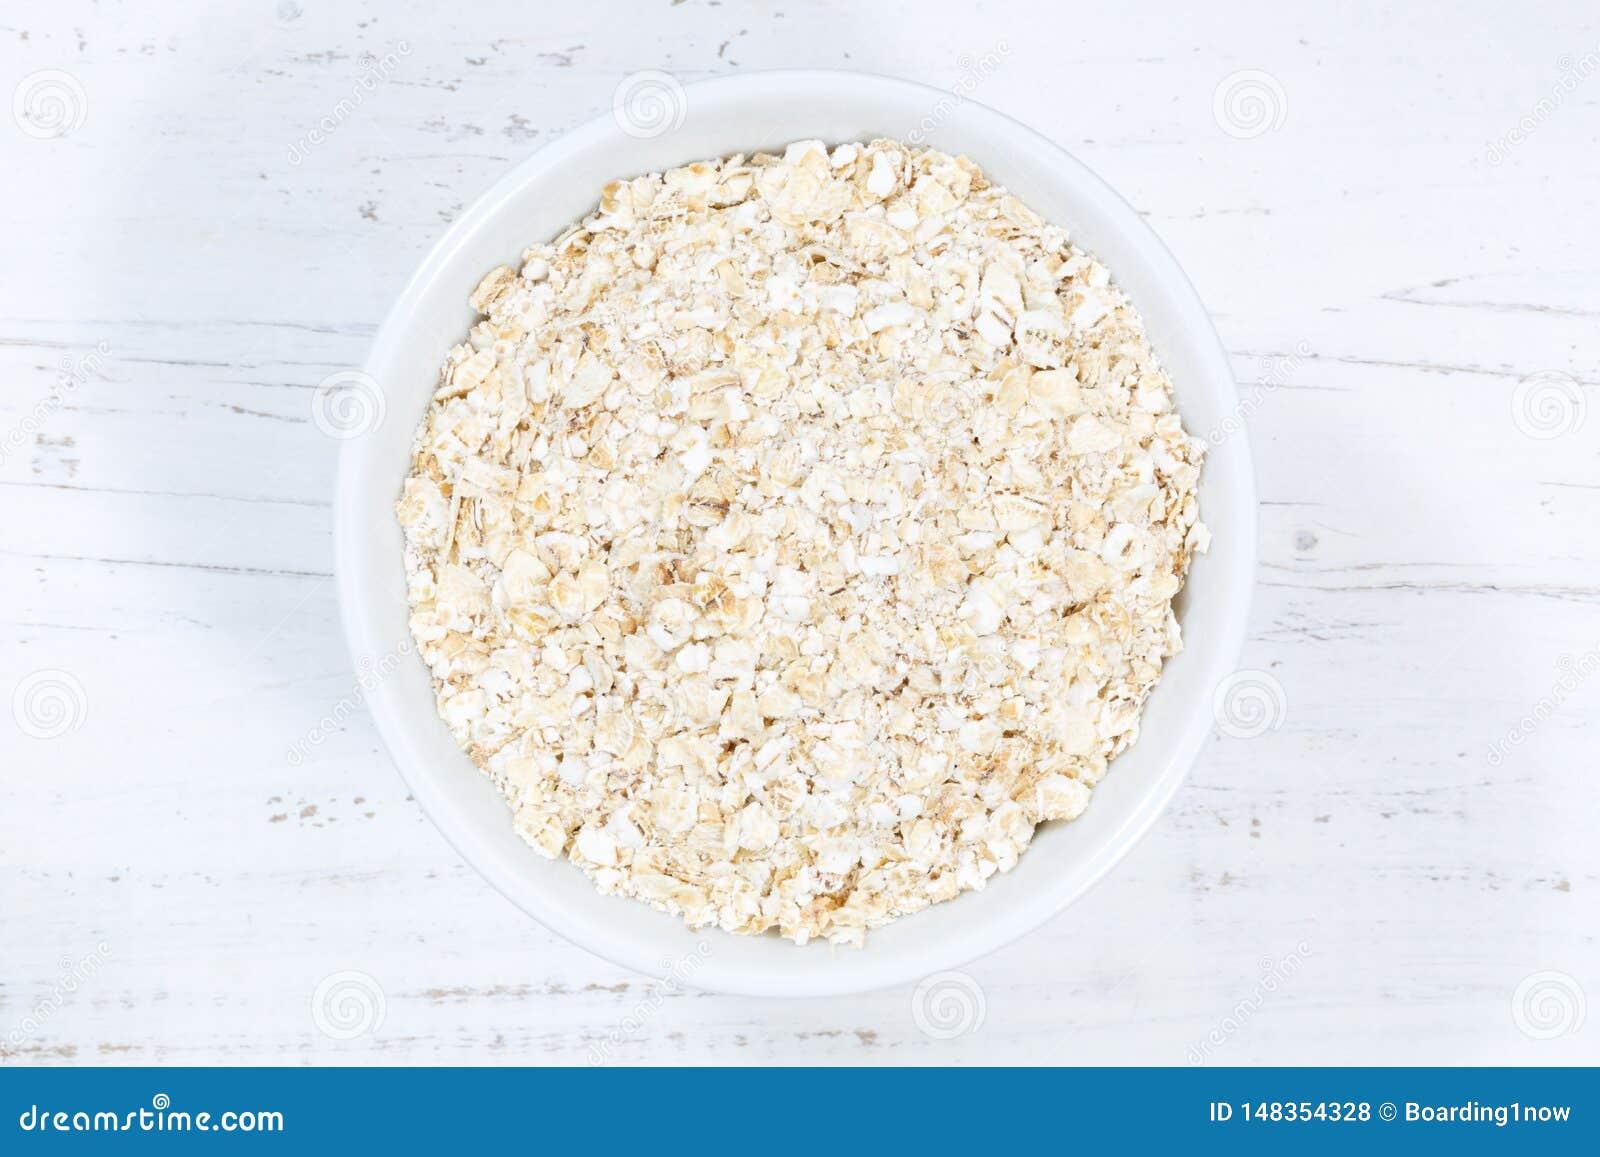 从碗木板上的燕麦粥燕麦